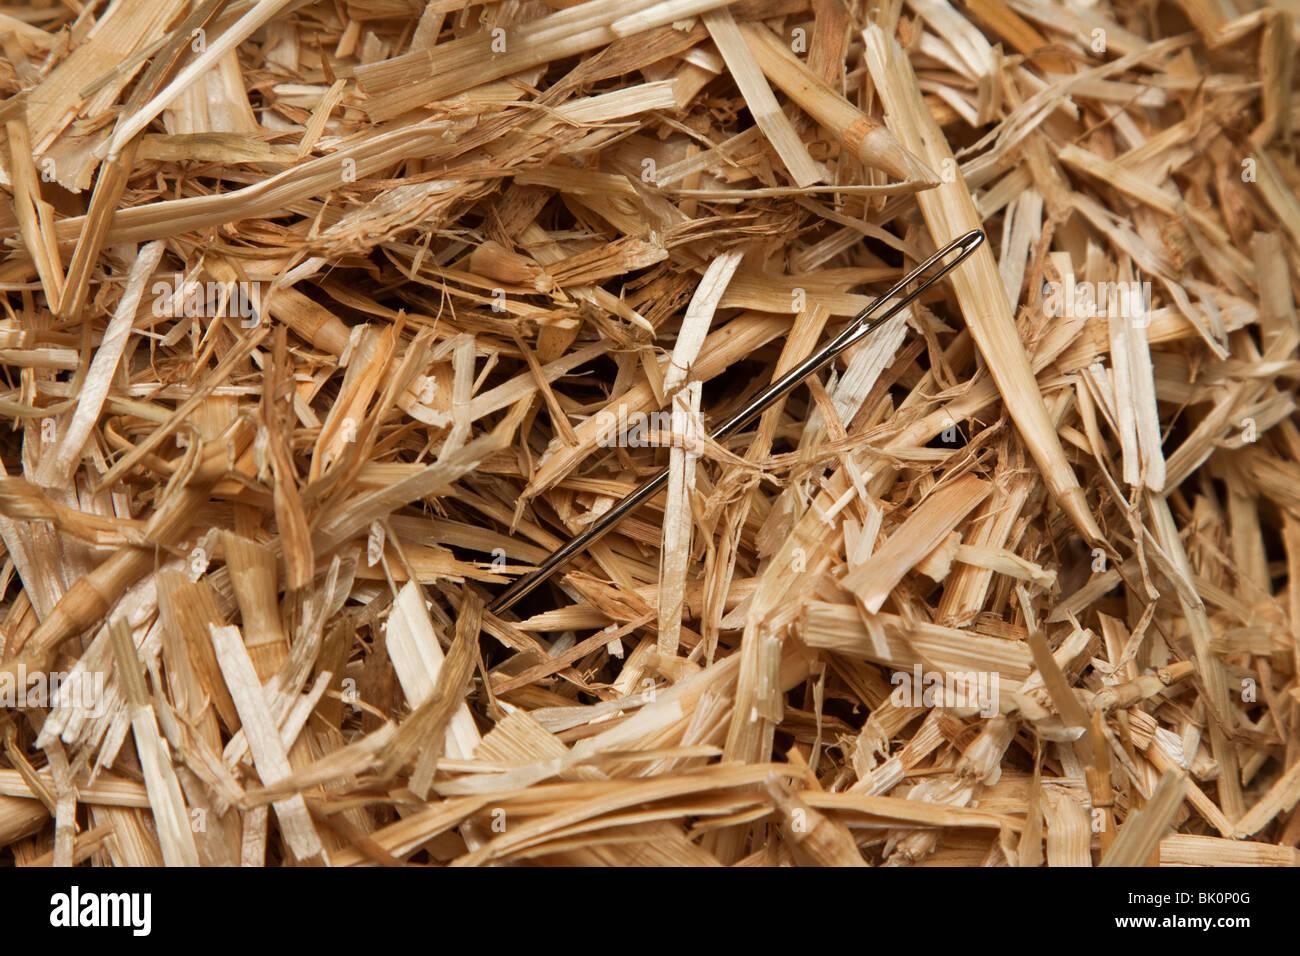 Nadel im Stroh oder Heu Stapel Stockbild